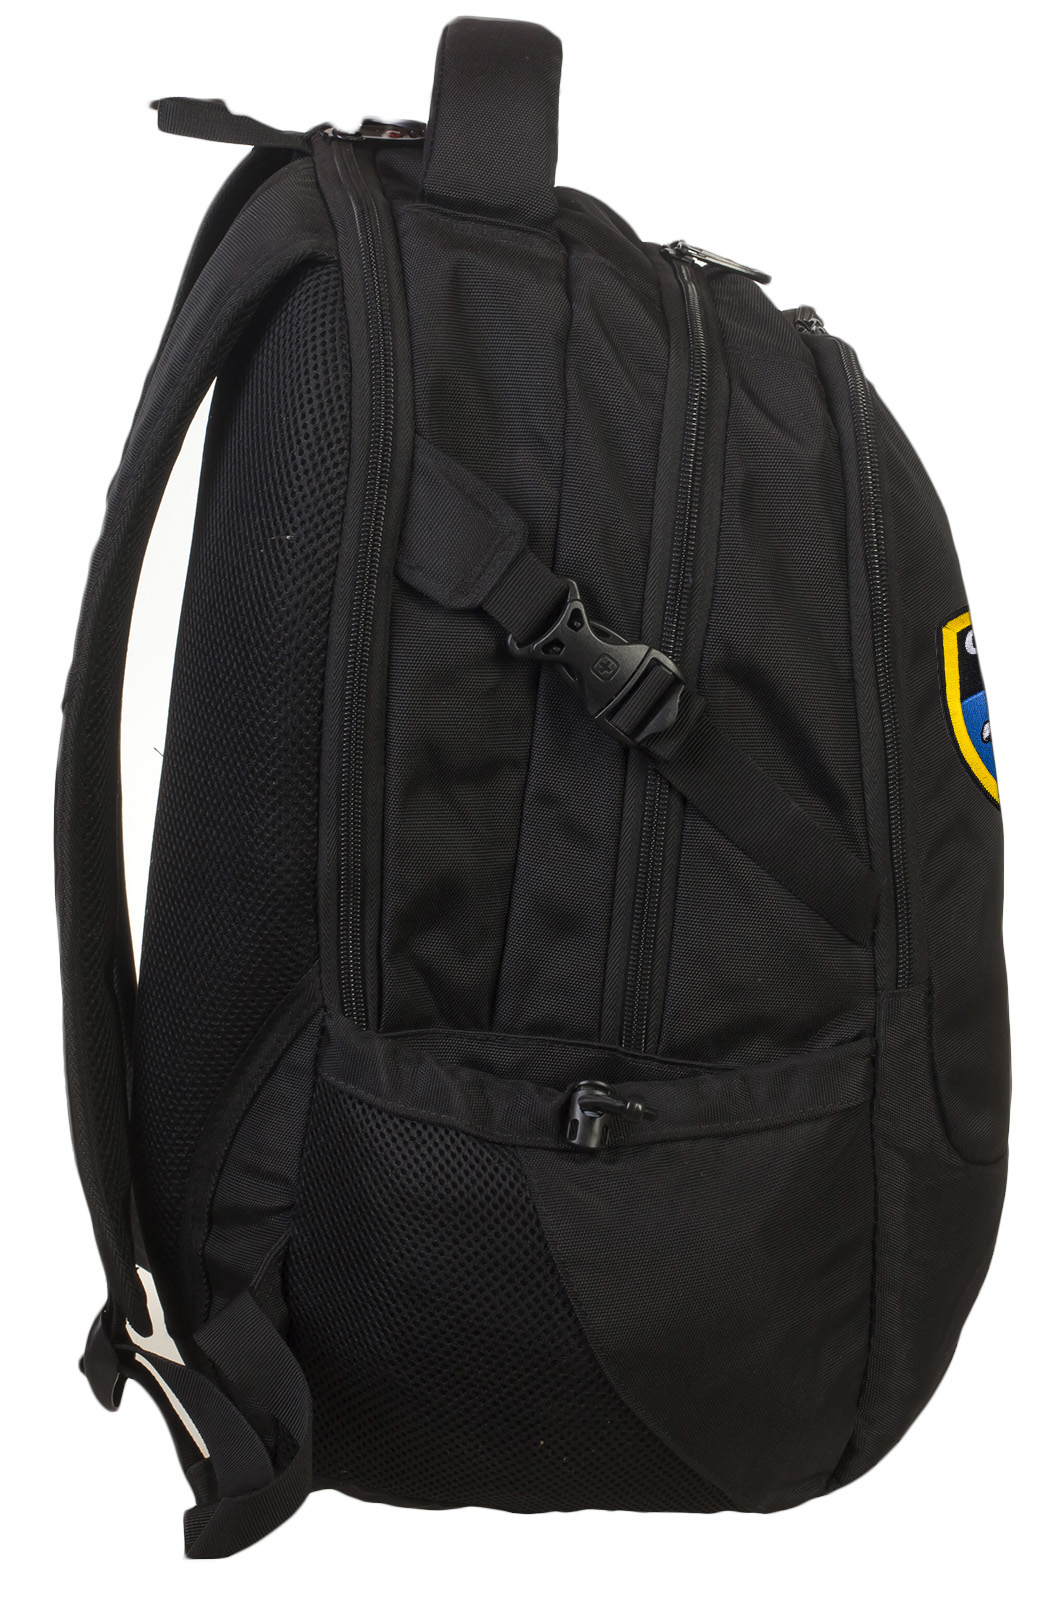 Городской вместительный рюкзак с нашивкой Спецназ ГРУ - заказать онлайн